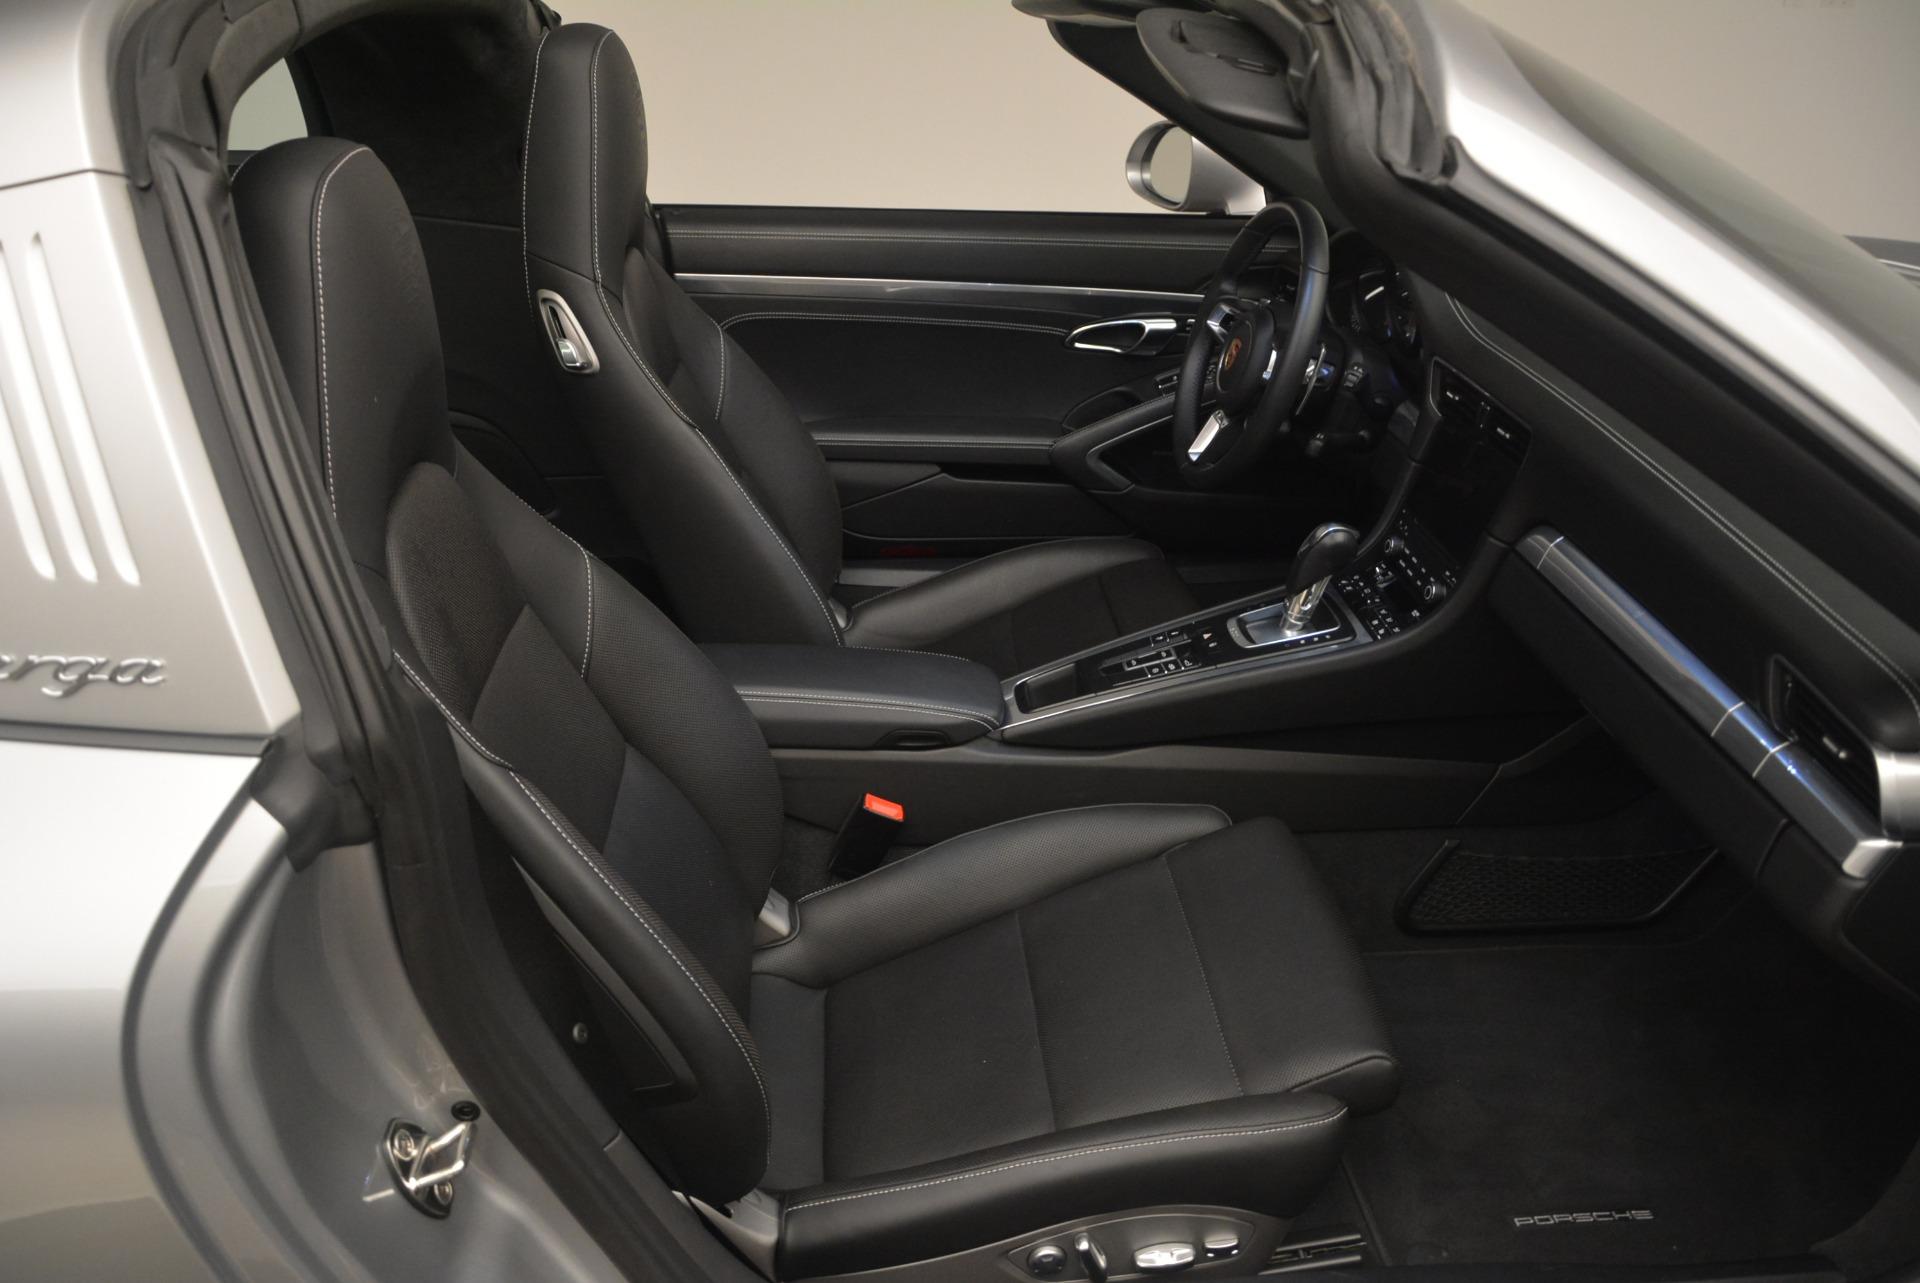 Used 2017 Porsche 911 Targa 4S For Sale In Westport, CT 2282_p35